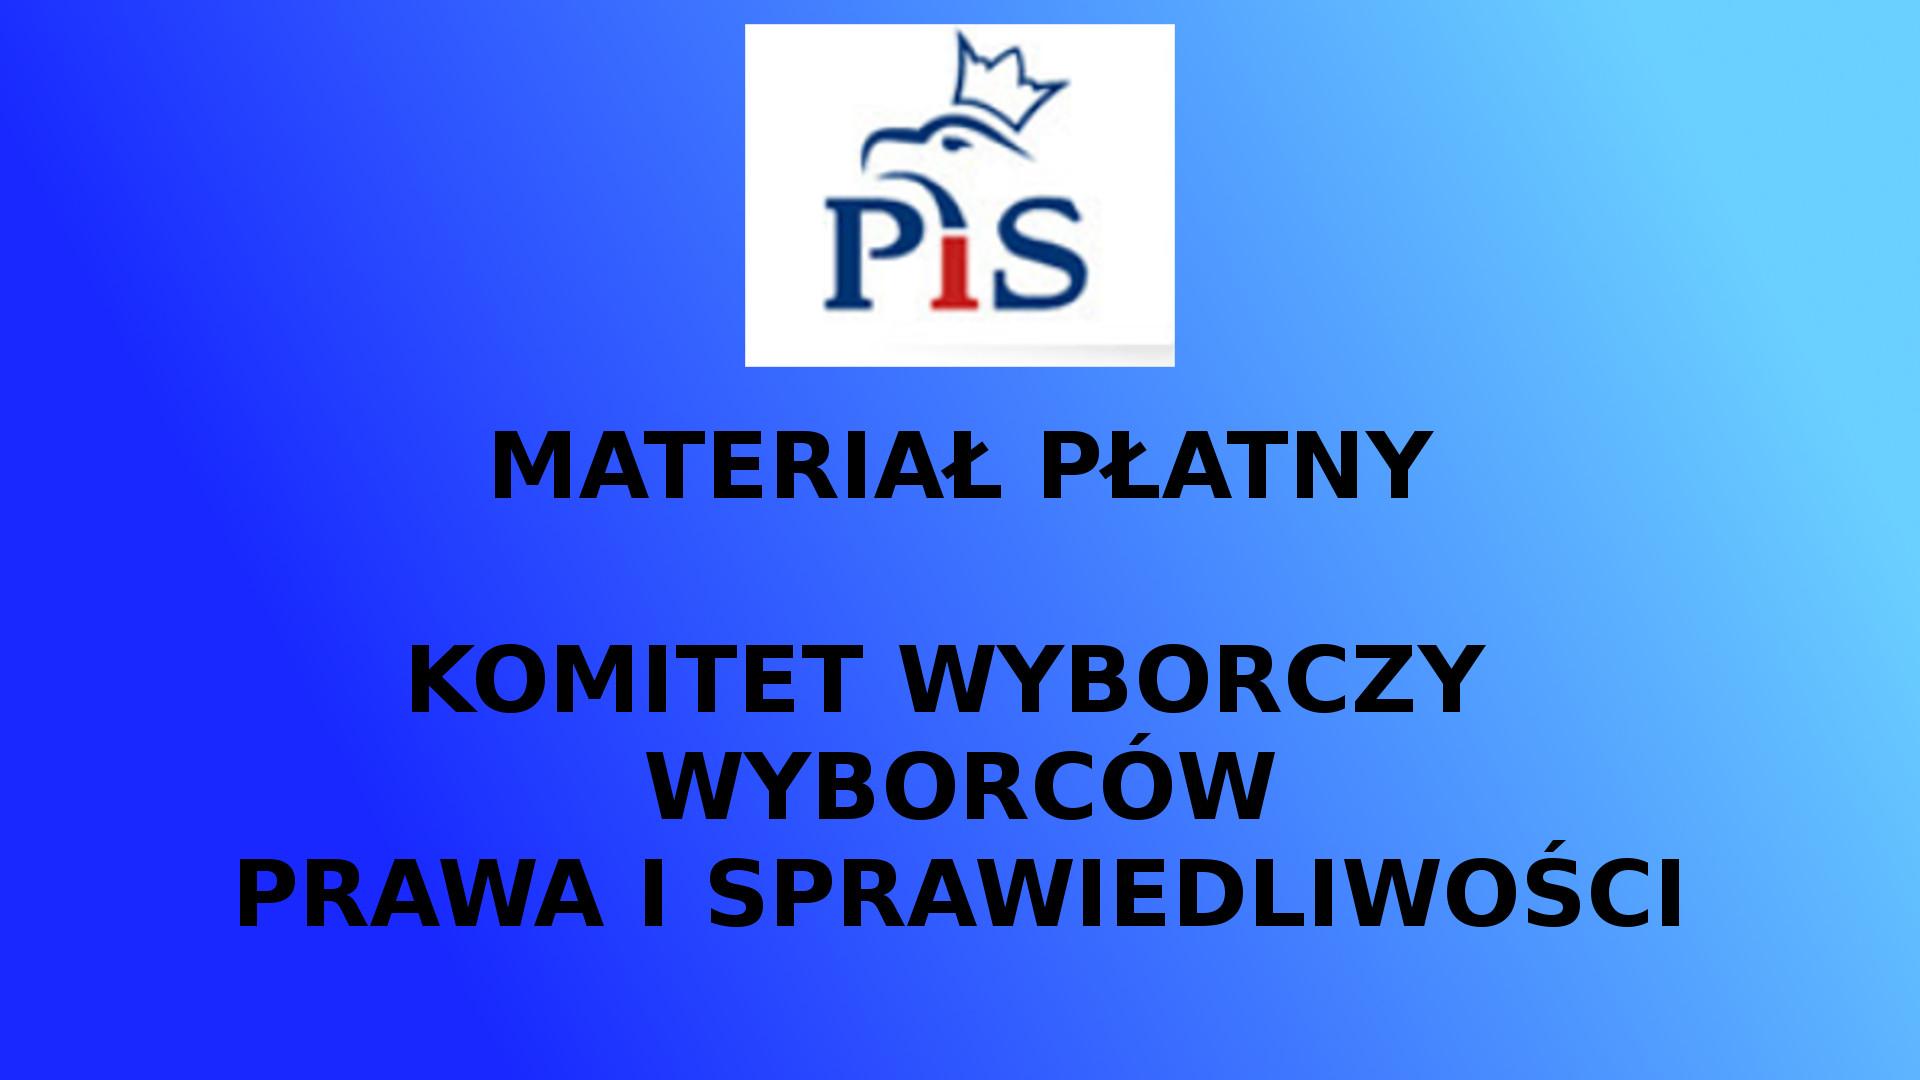 MATERIAŁ PŁATNY Spot Wyborczy Komitet Wyborczy Wyborców Prawa i Sprawiedliwości – Witold Waszczykowski